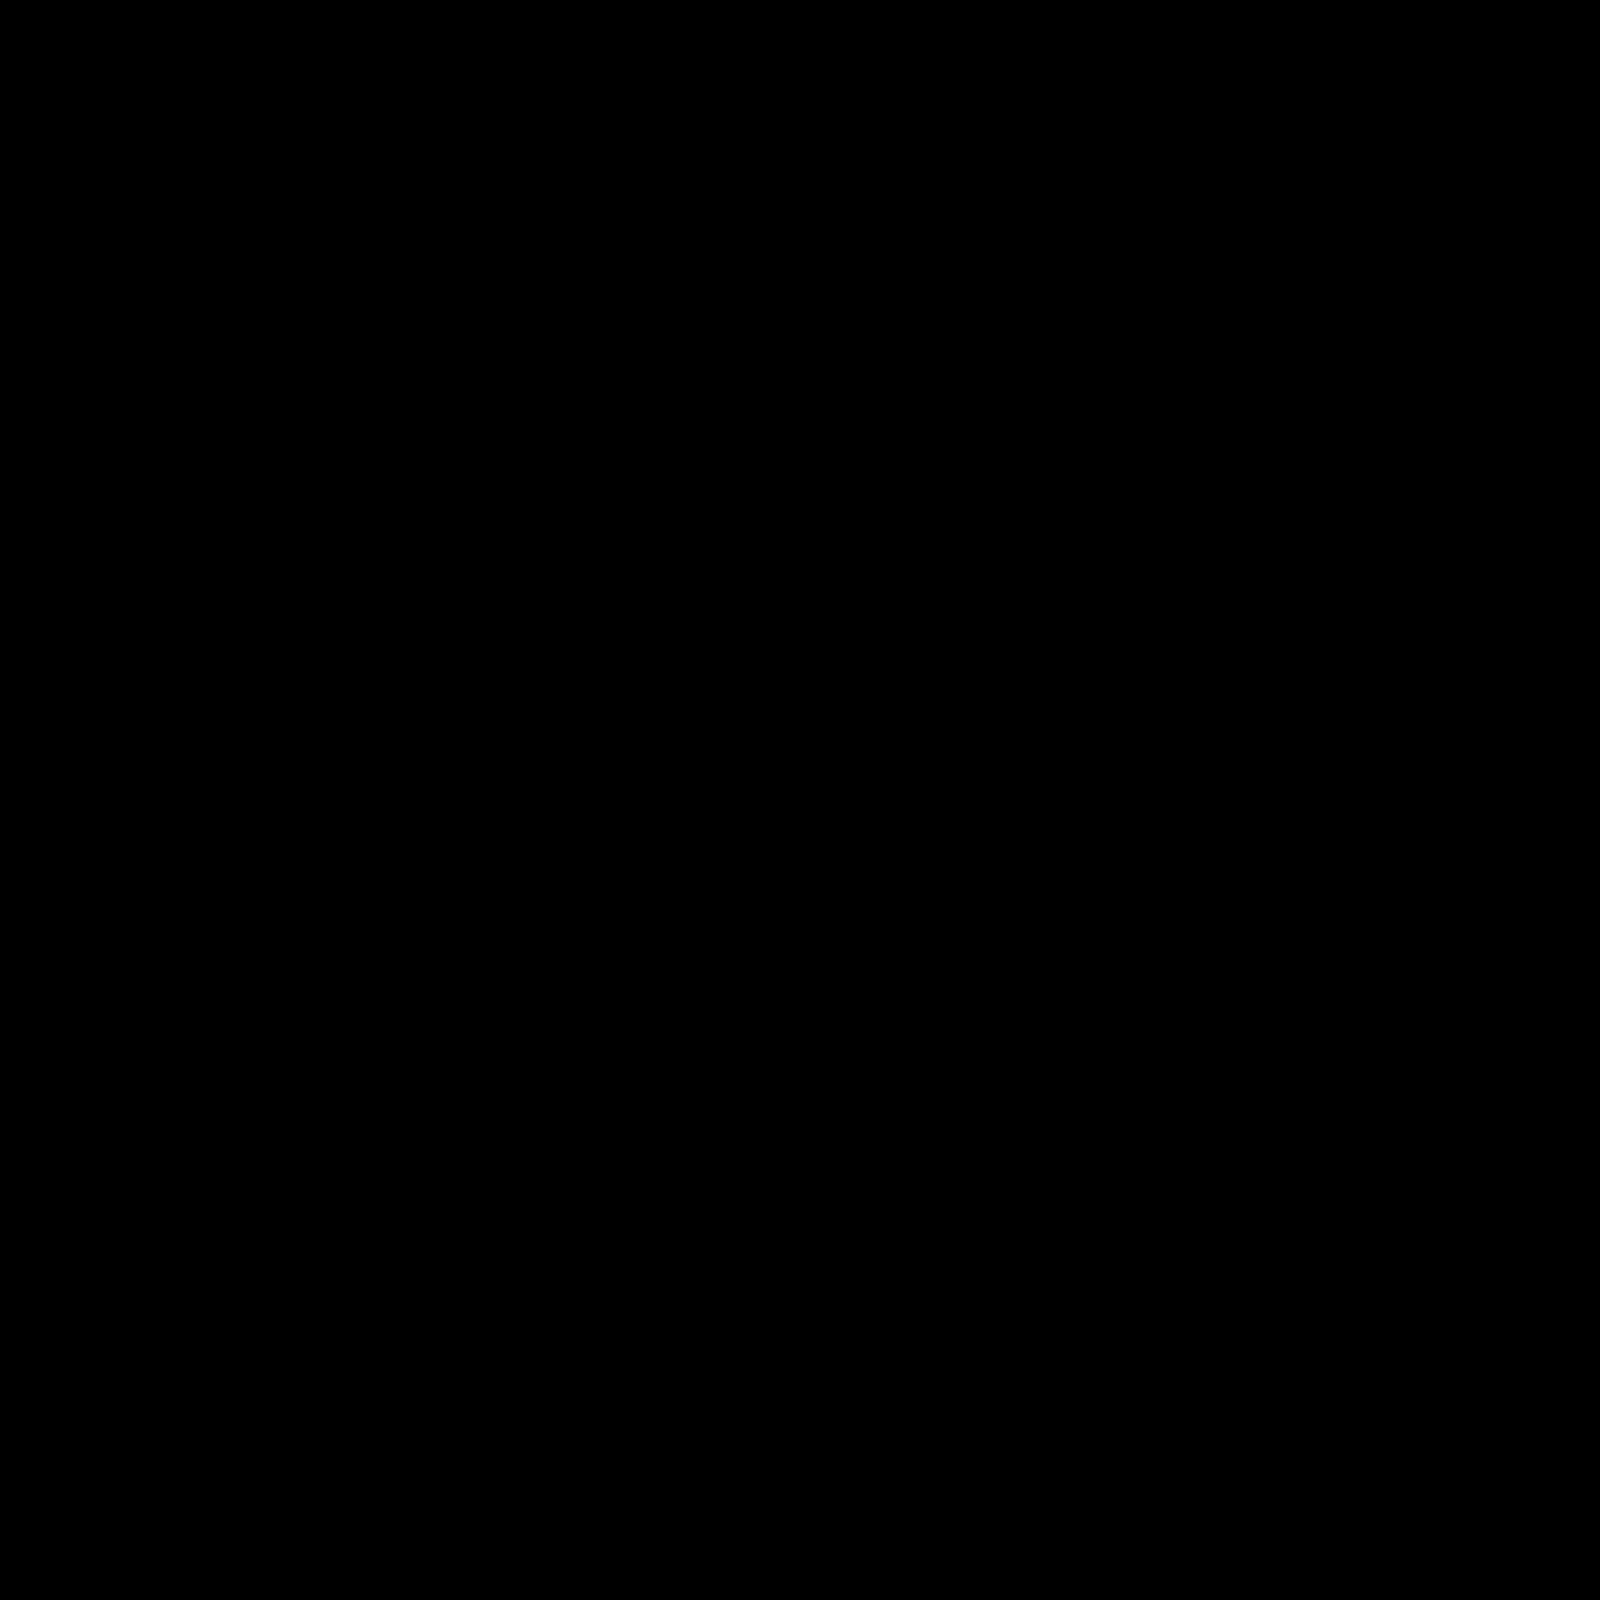 Мастеркард icon